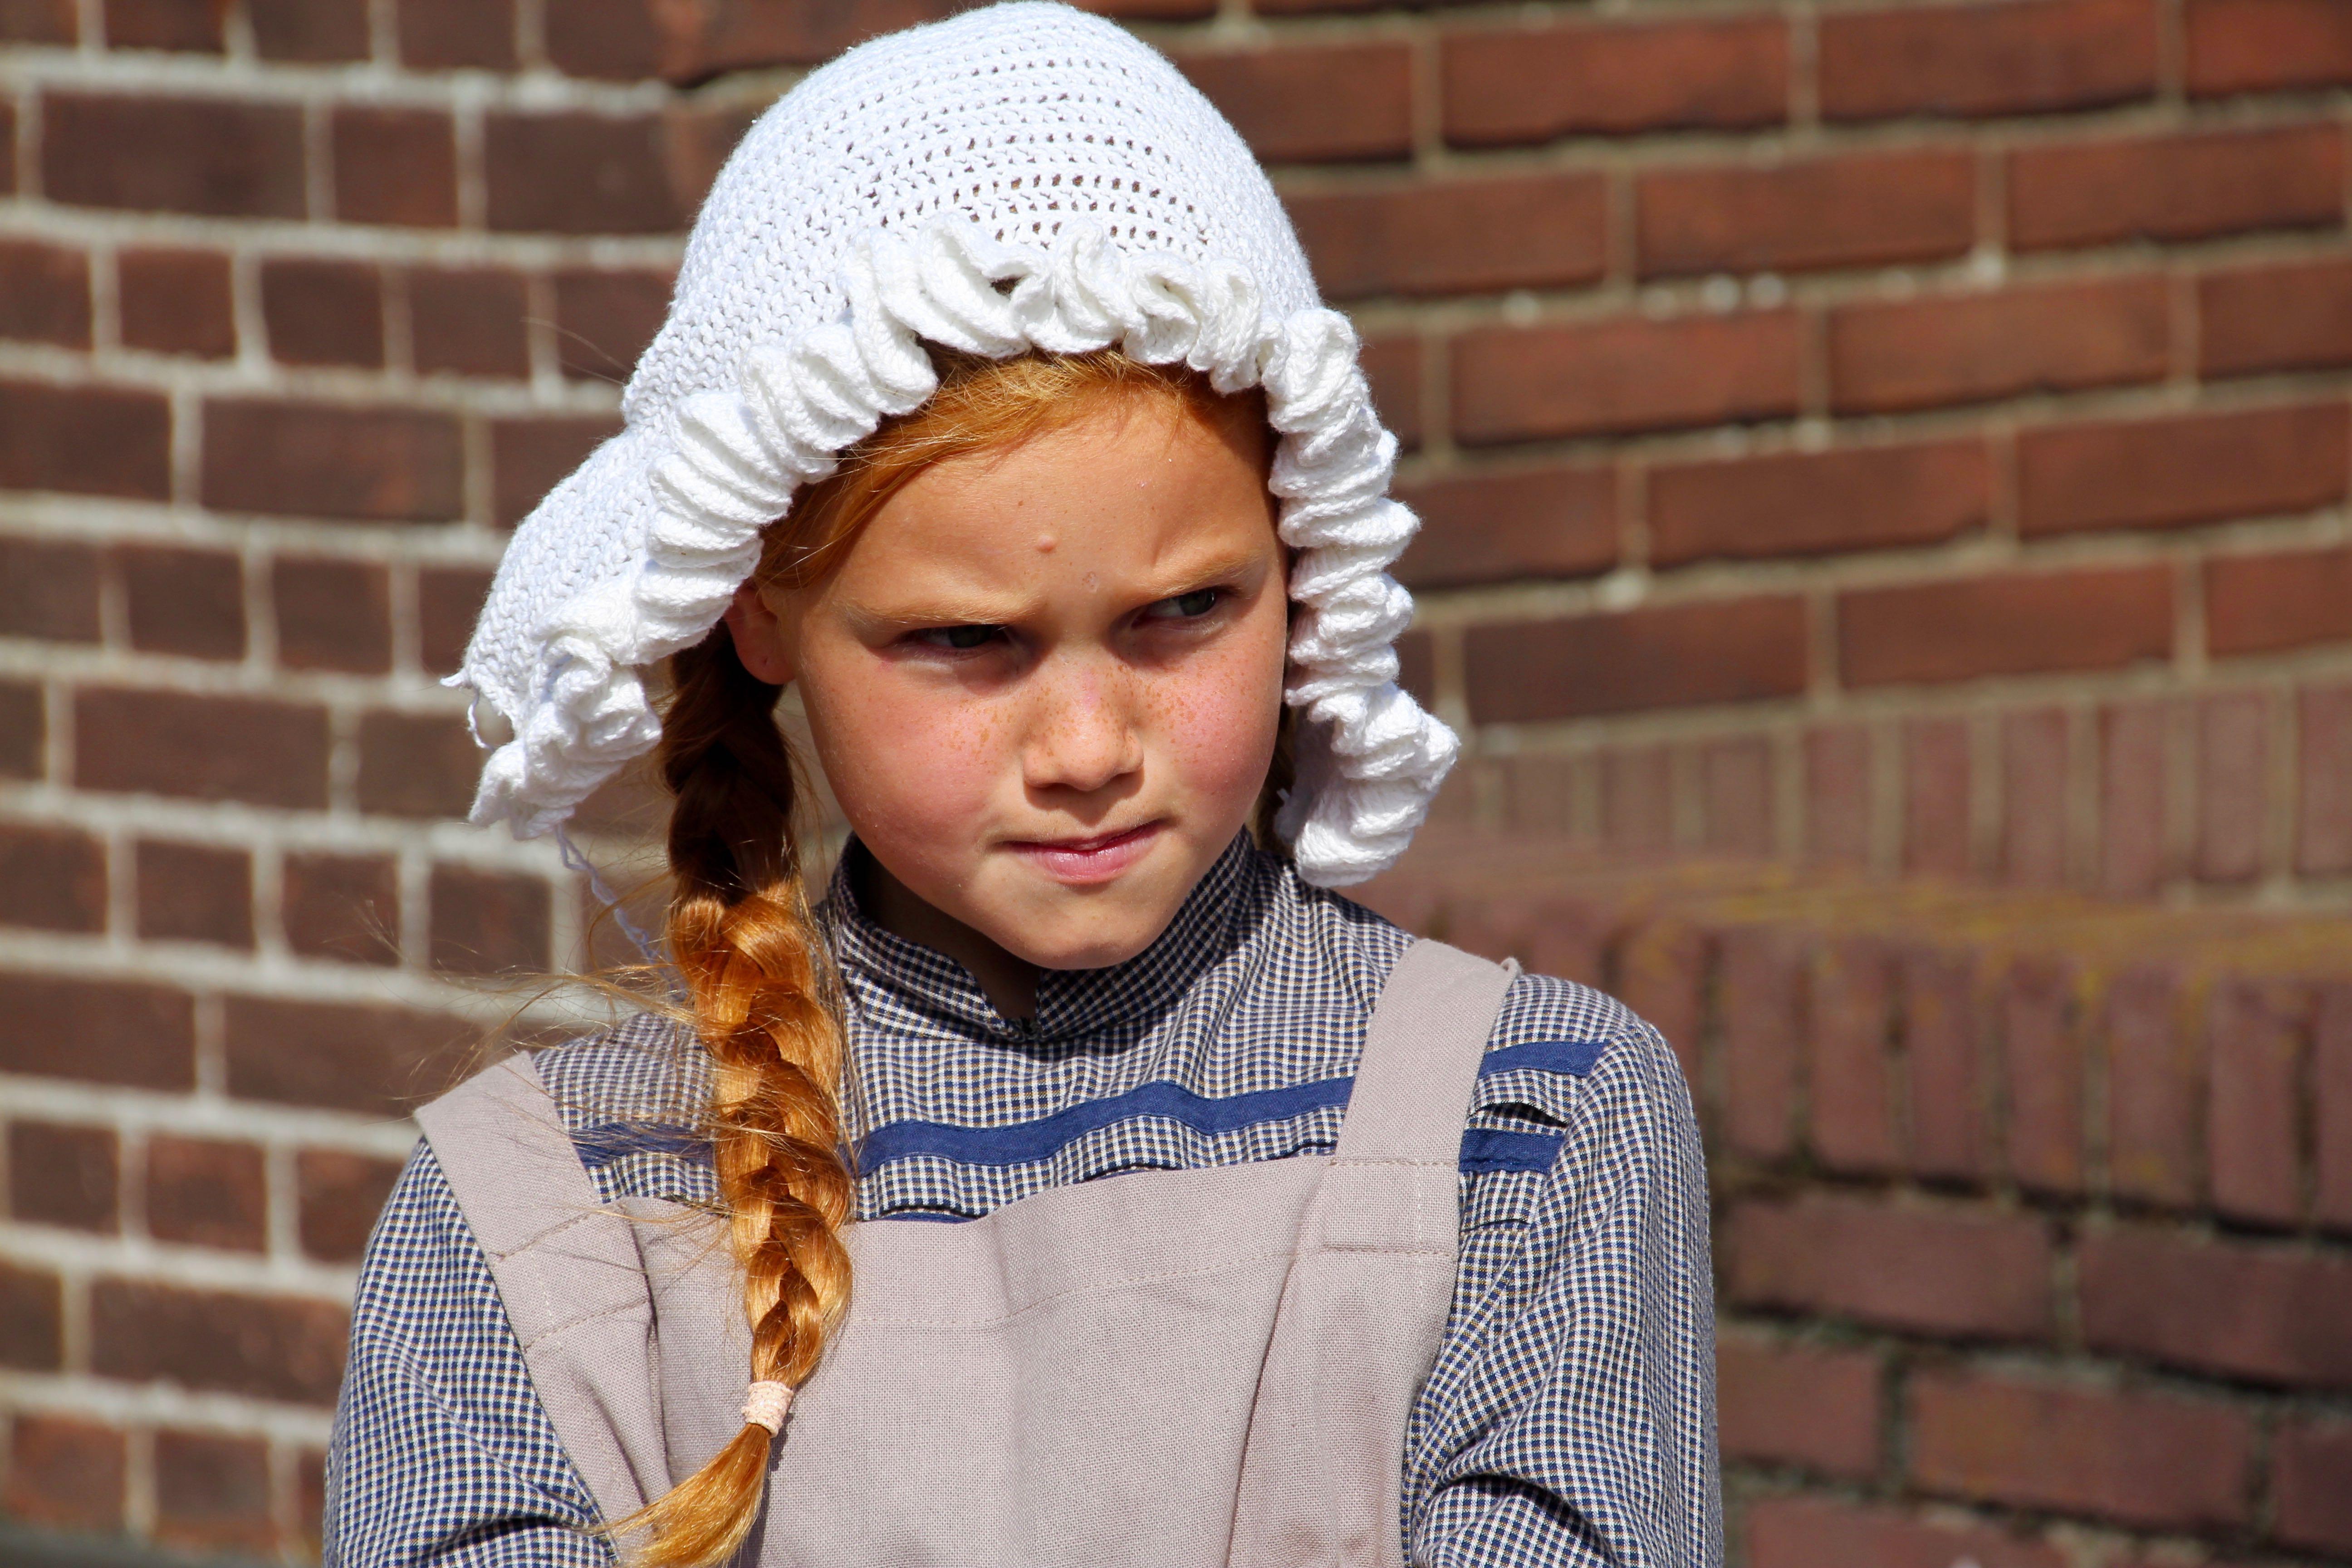 Kleine meid, grote actrice